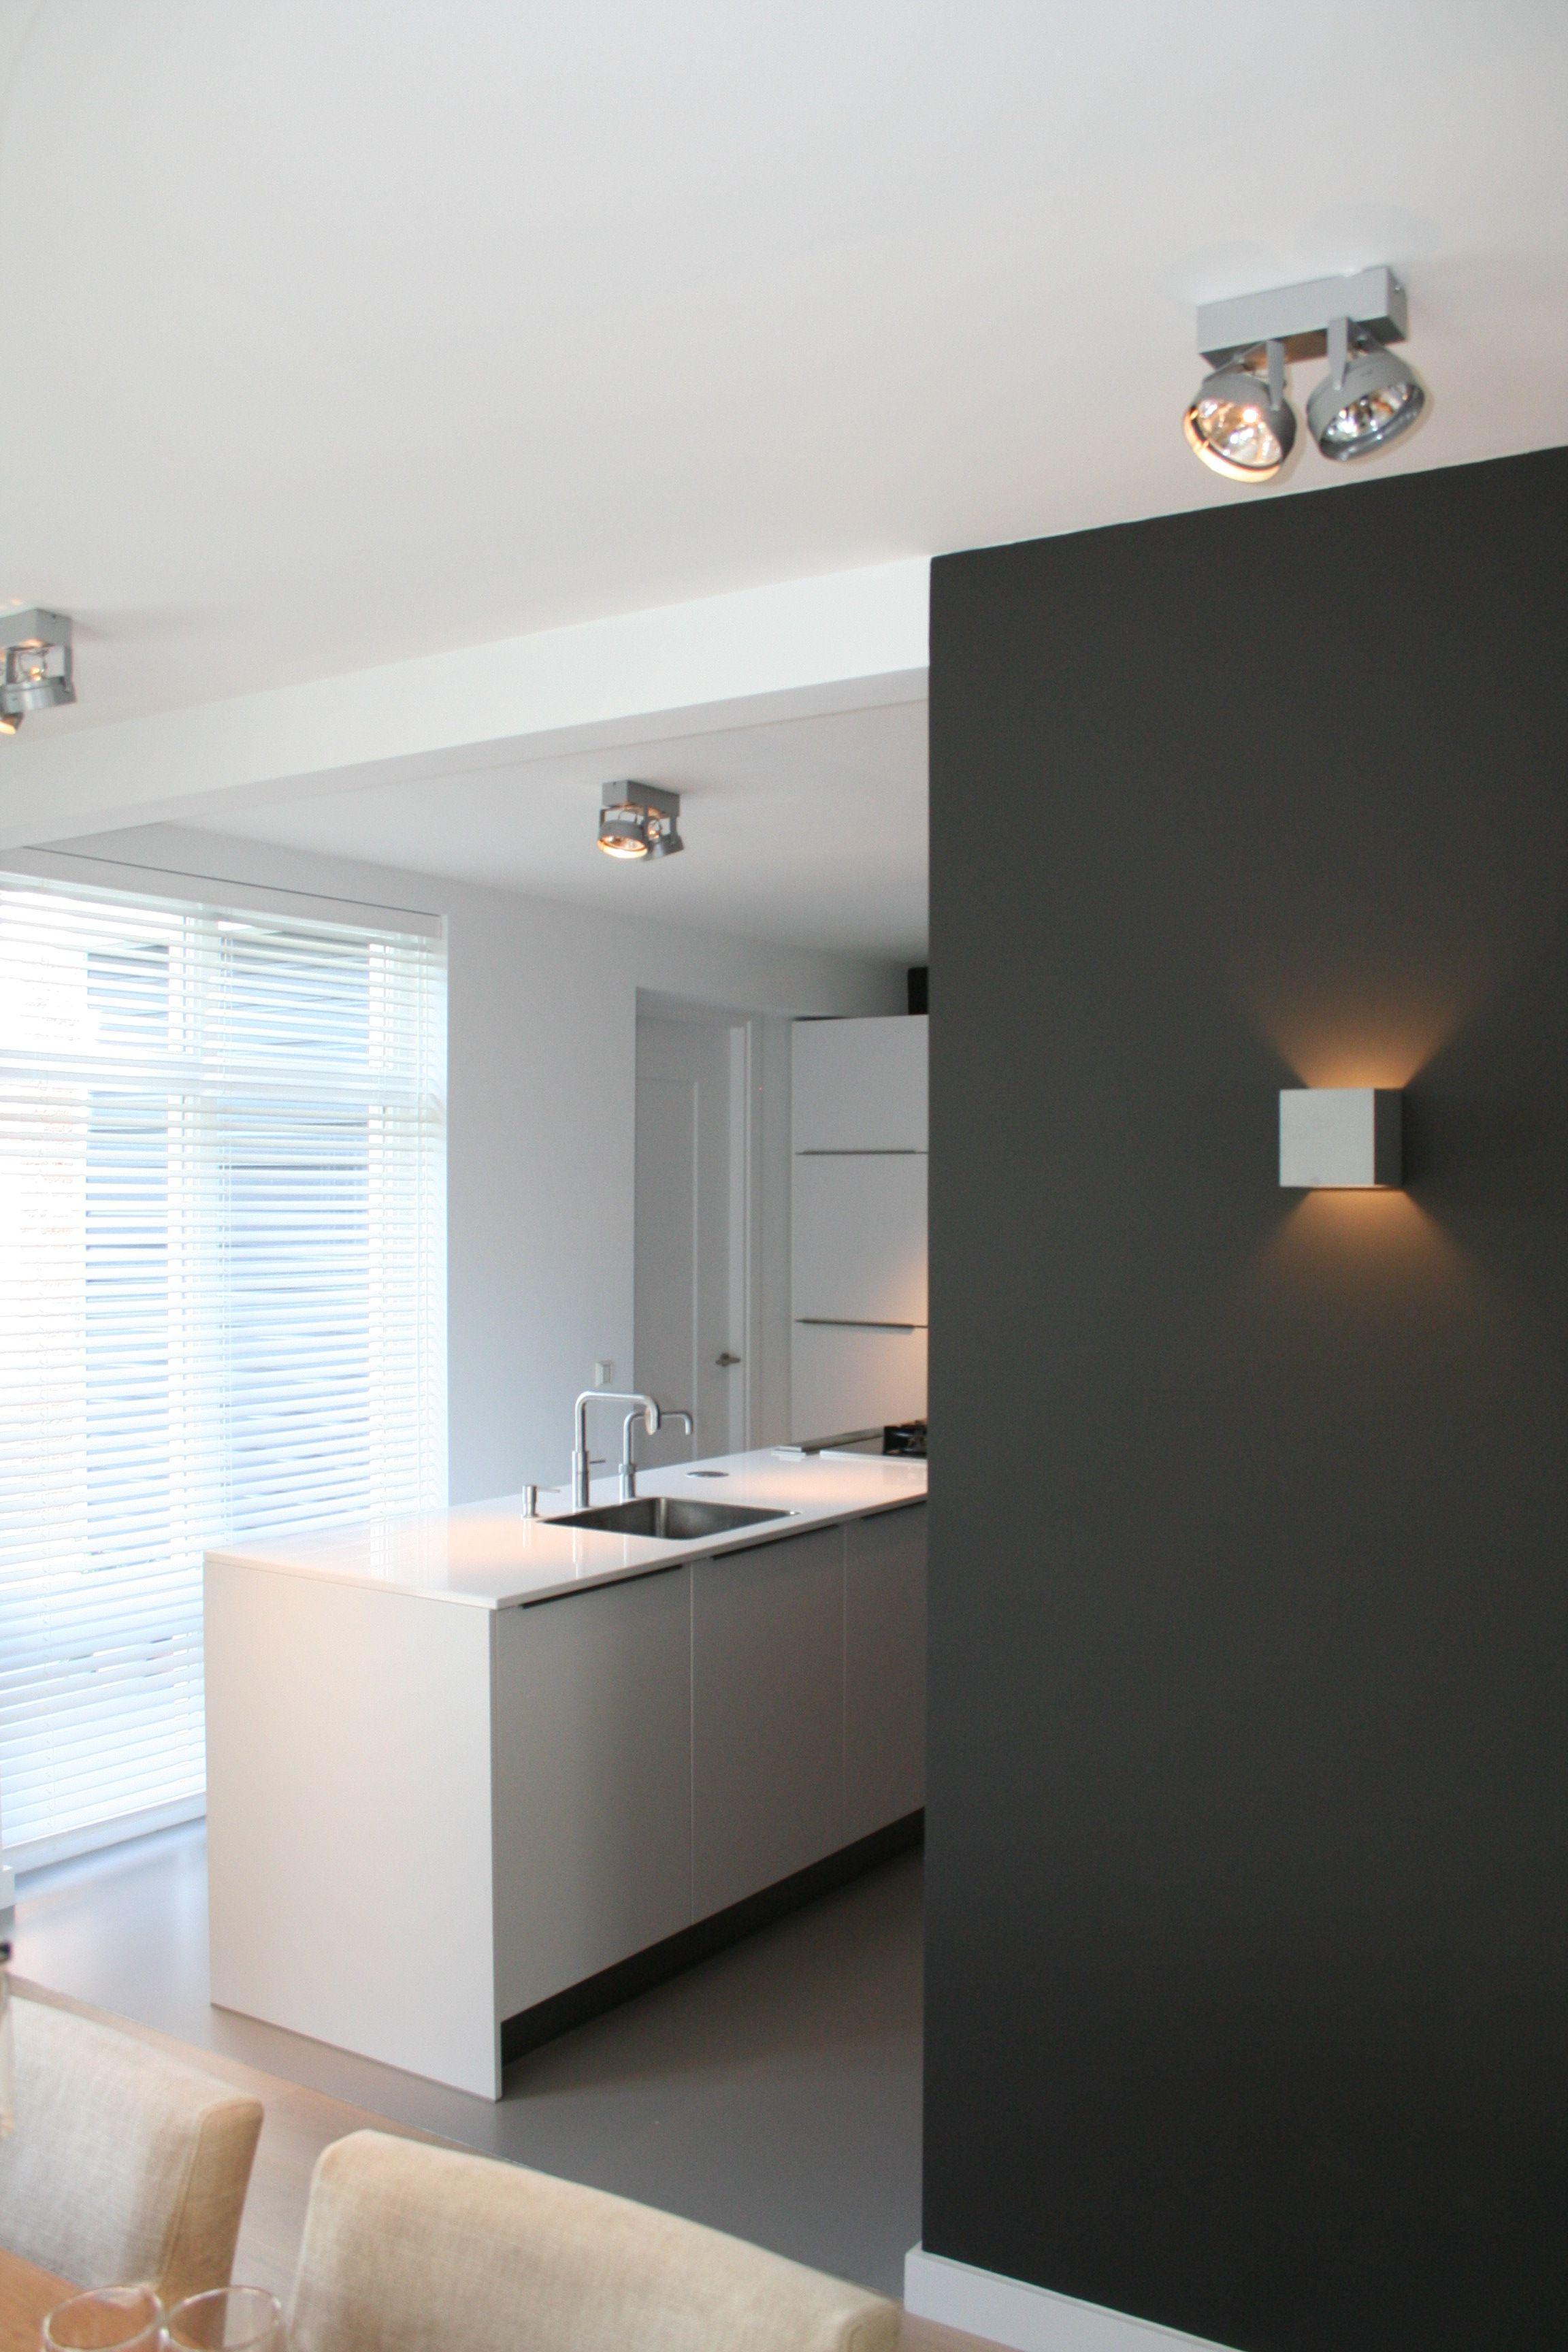 joli contraste de couleur pour s parer cuisine du s jour int rieur d co pinterest. Black Bedroom Furniture Sets. Home Design Ideas